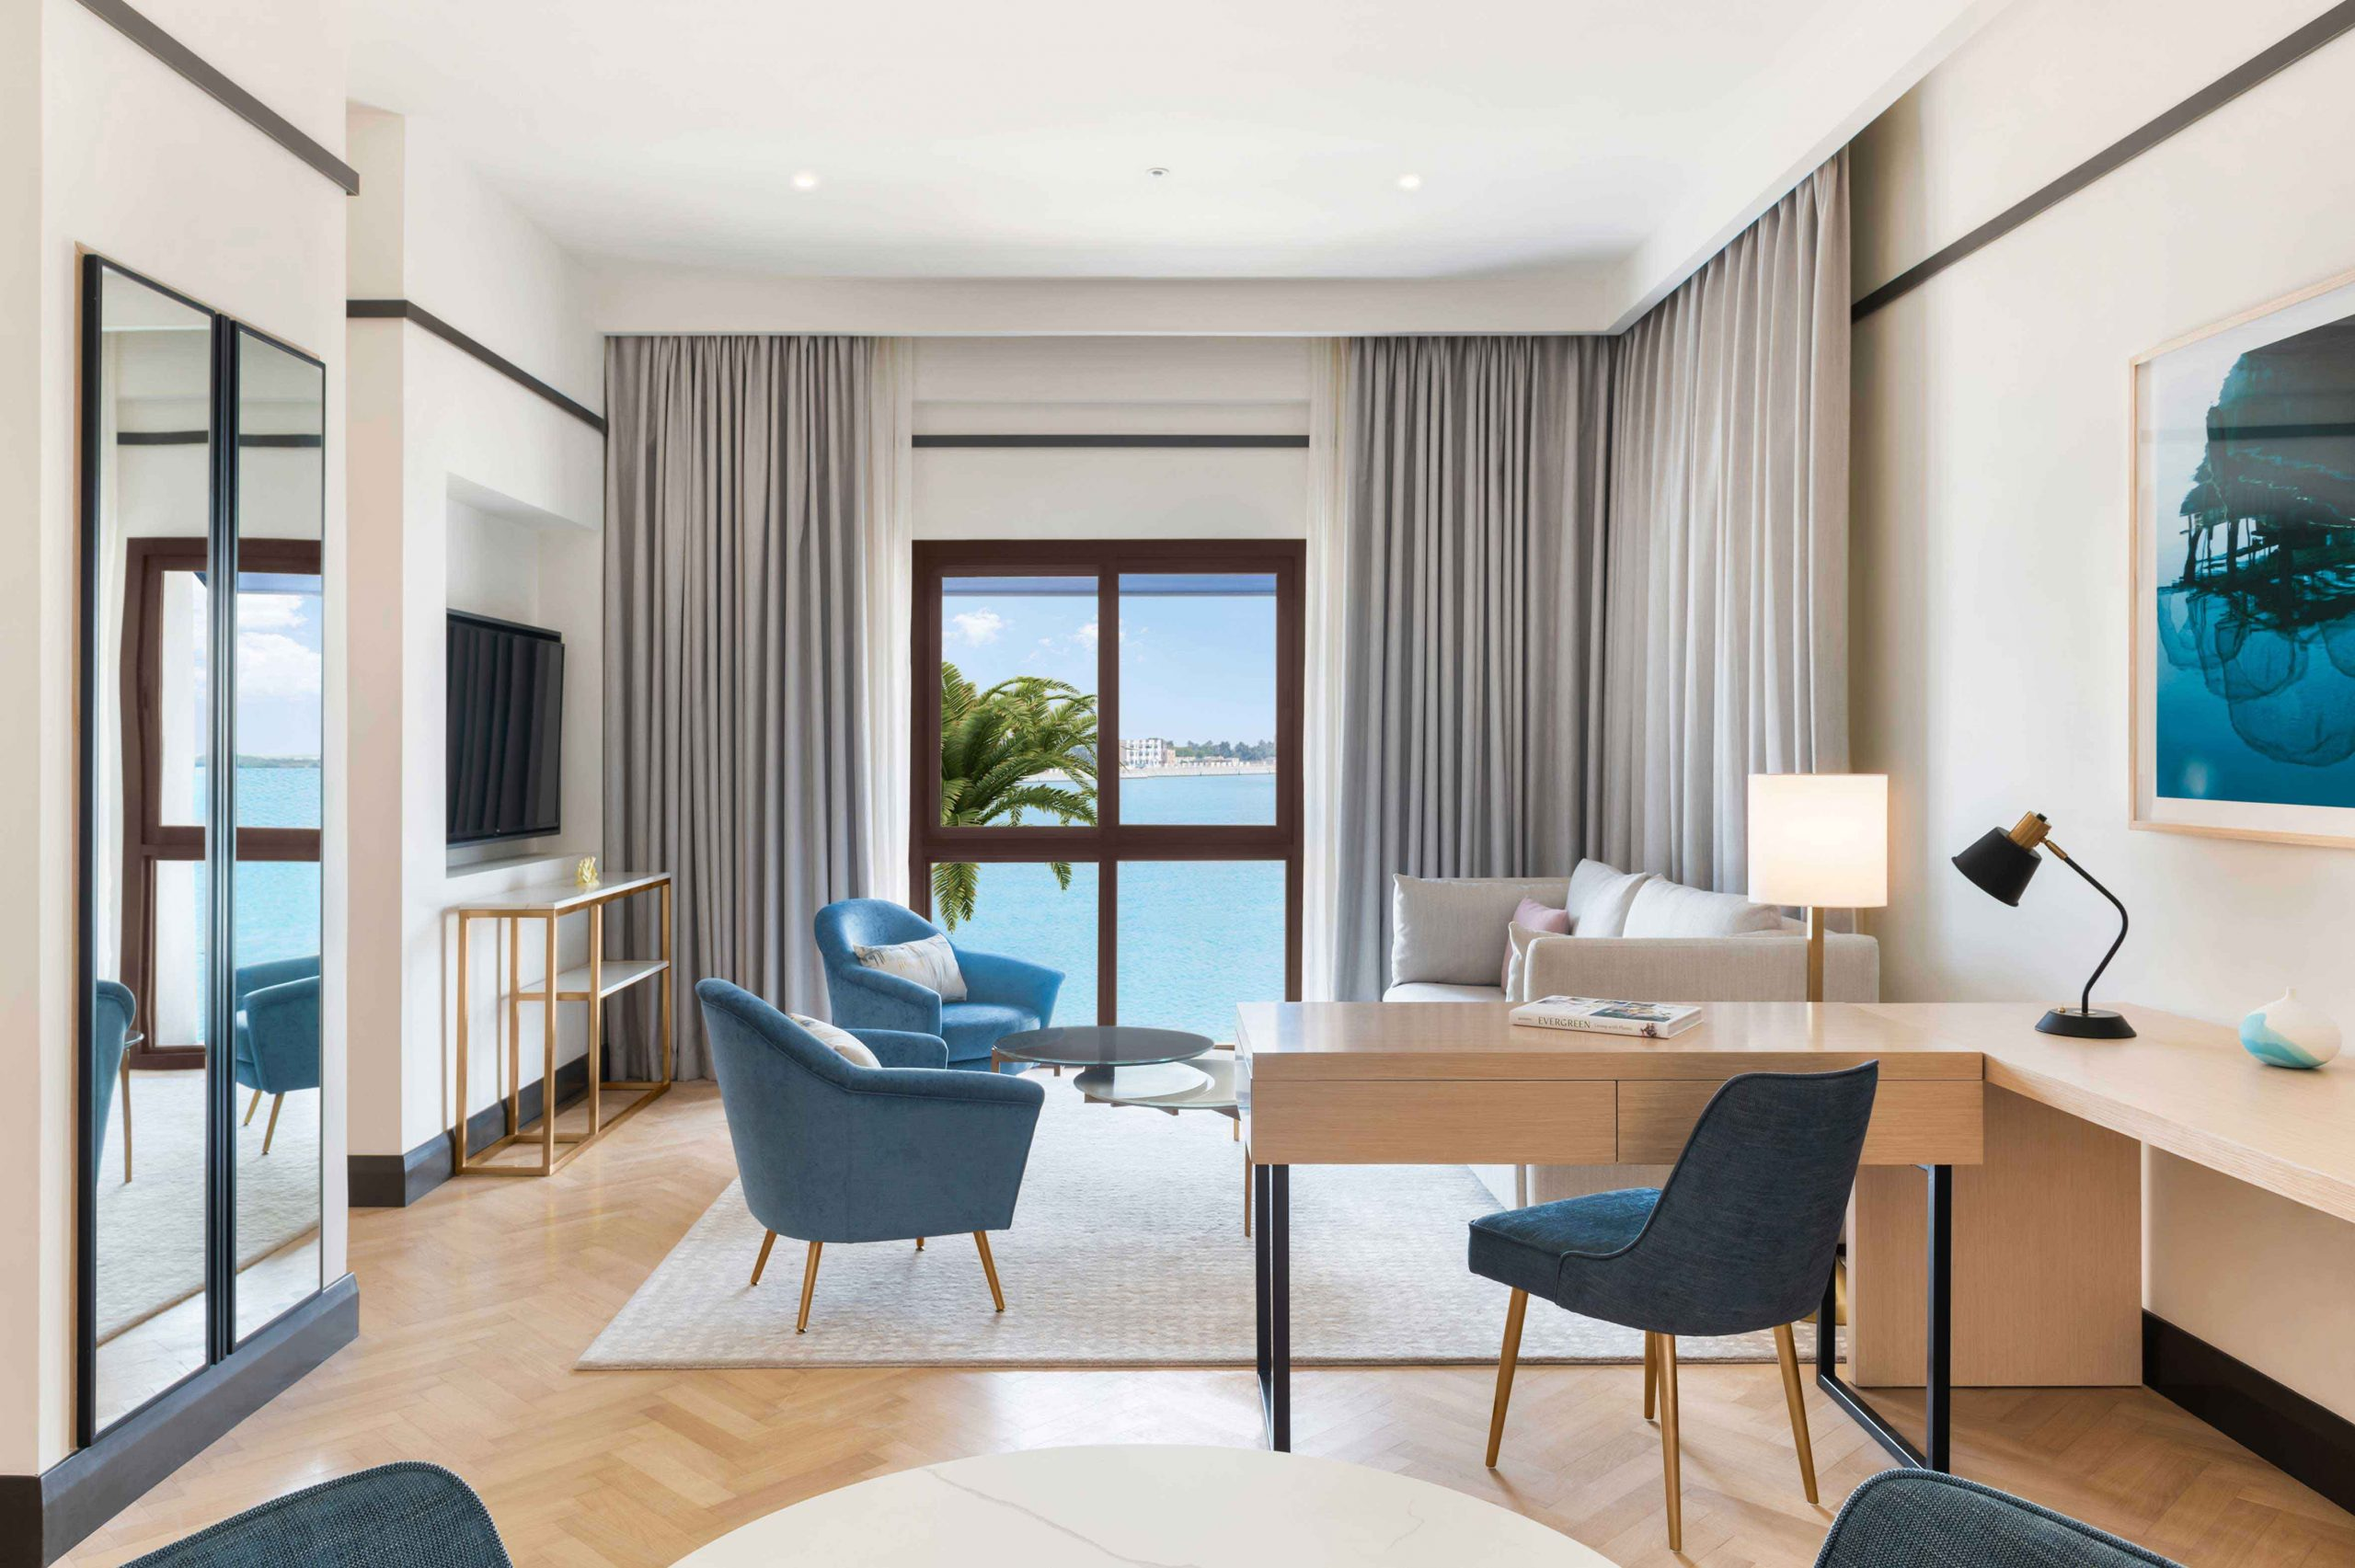 Vida Beach Resort - Luxury Interior Design UAE